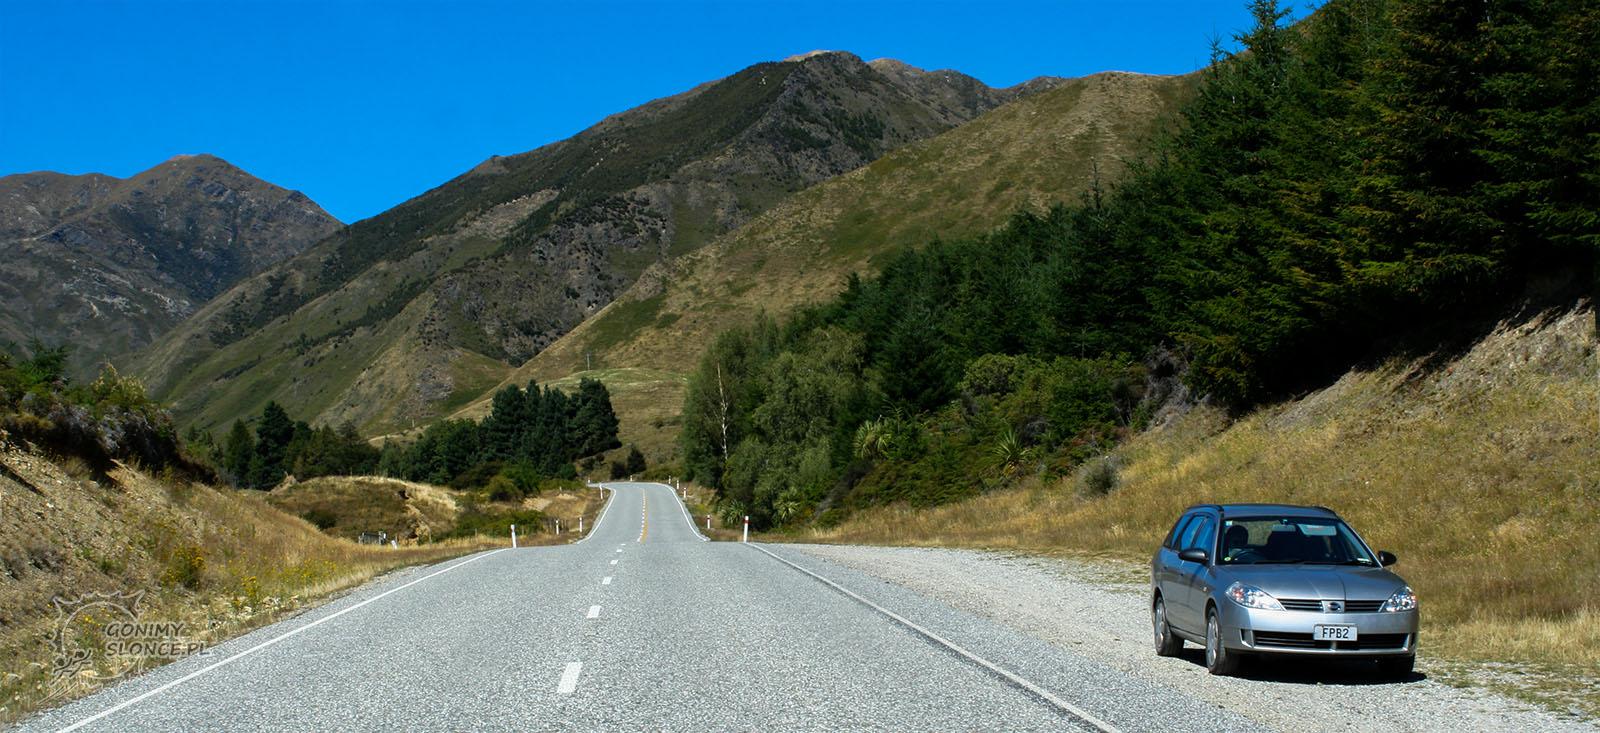 Muzyka na drogę - roadtrip. Nowa Zelandia z muzyką na podróż